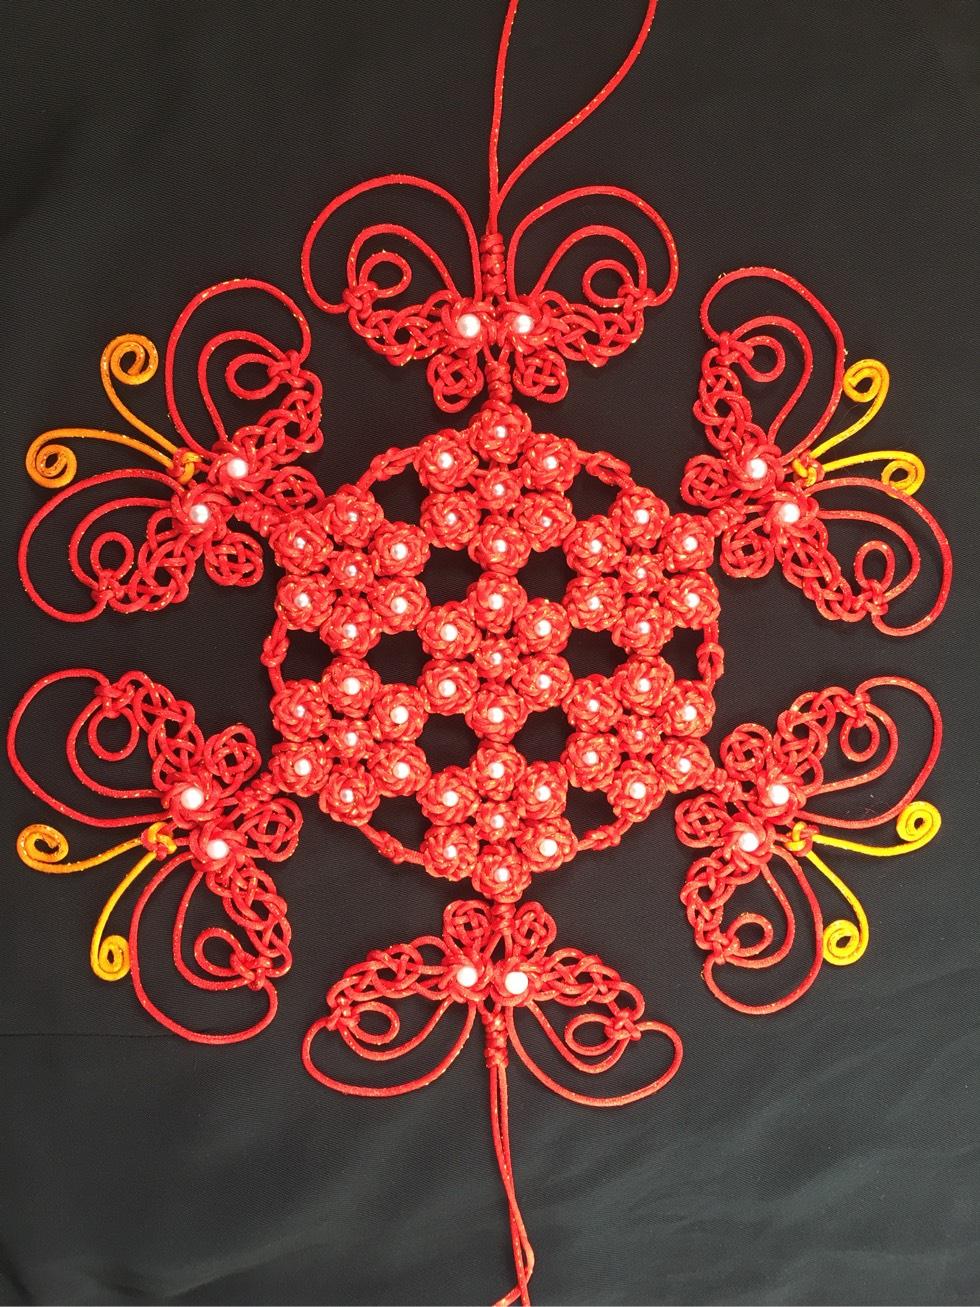 中国结论坛 锁结变化组合(三头六瓣、四头八瓣、六头十二瓣藻井结) 六瓣花有哪些,六瓣的金刚 作品展示 201214i3vsmimmfnd13jda